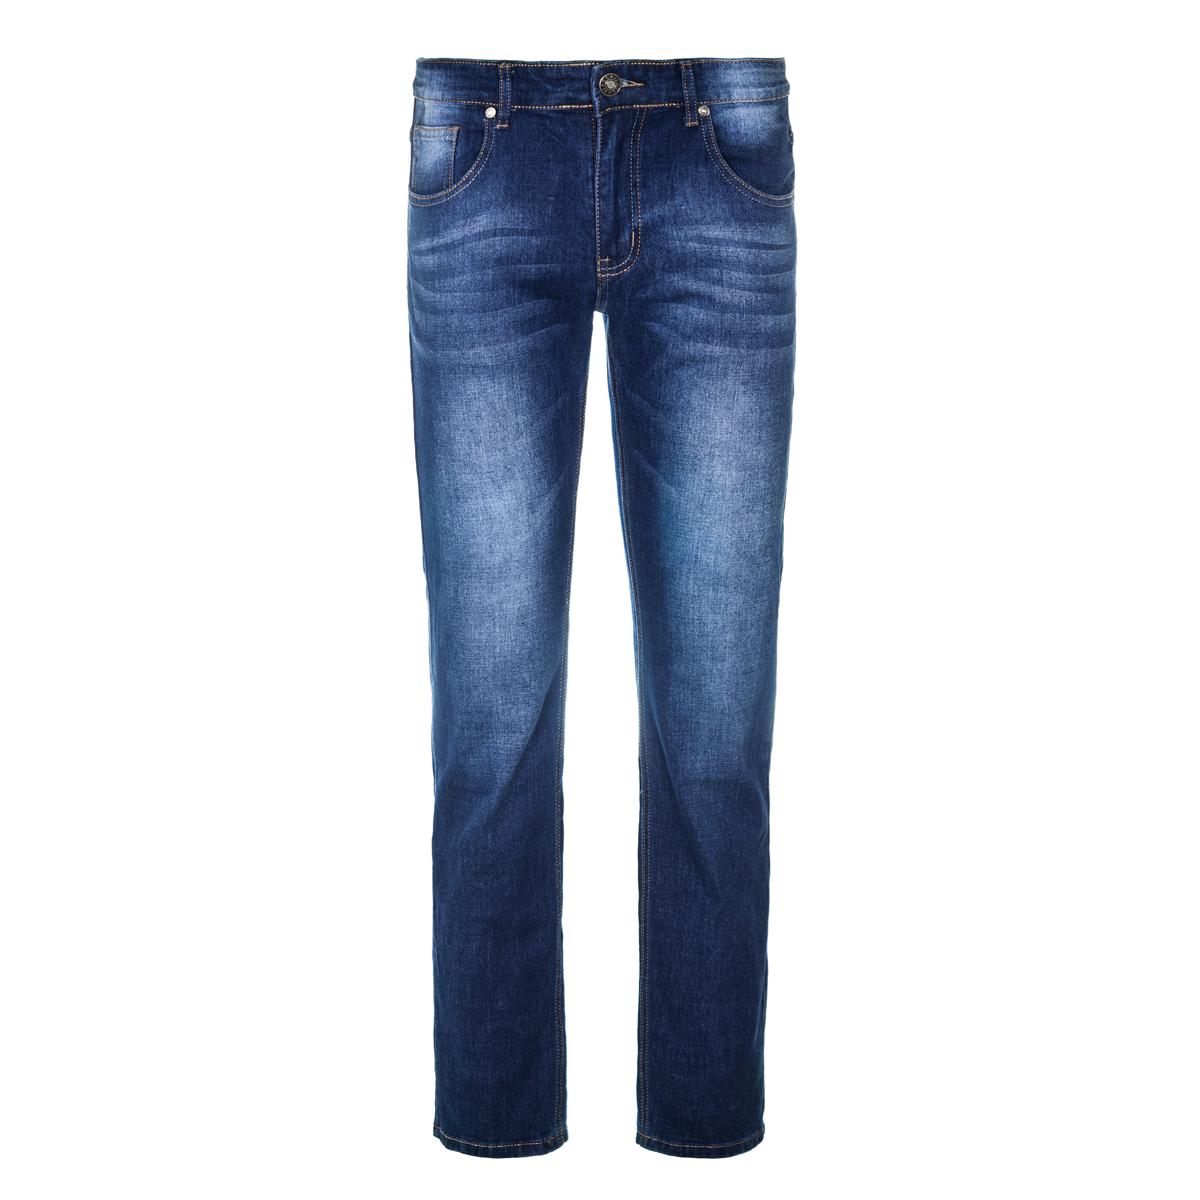 Муж. джинсы арт. 12-0156 Синий р. 31